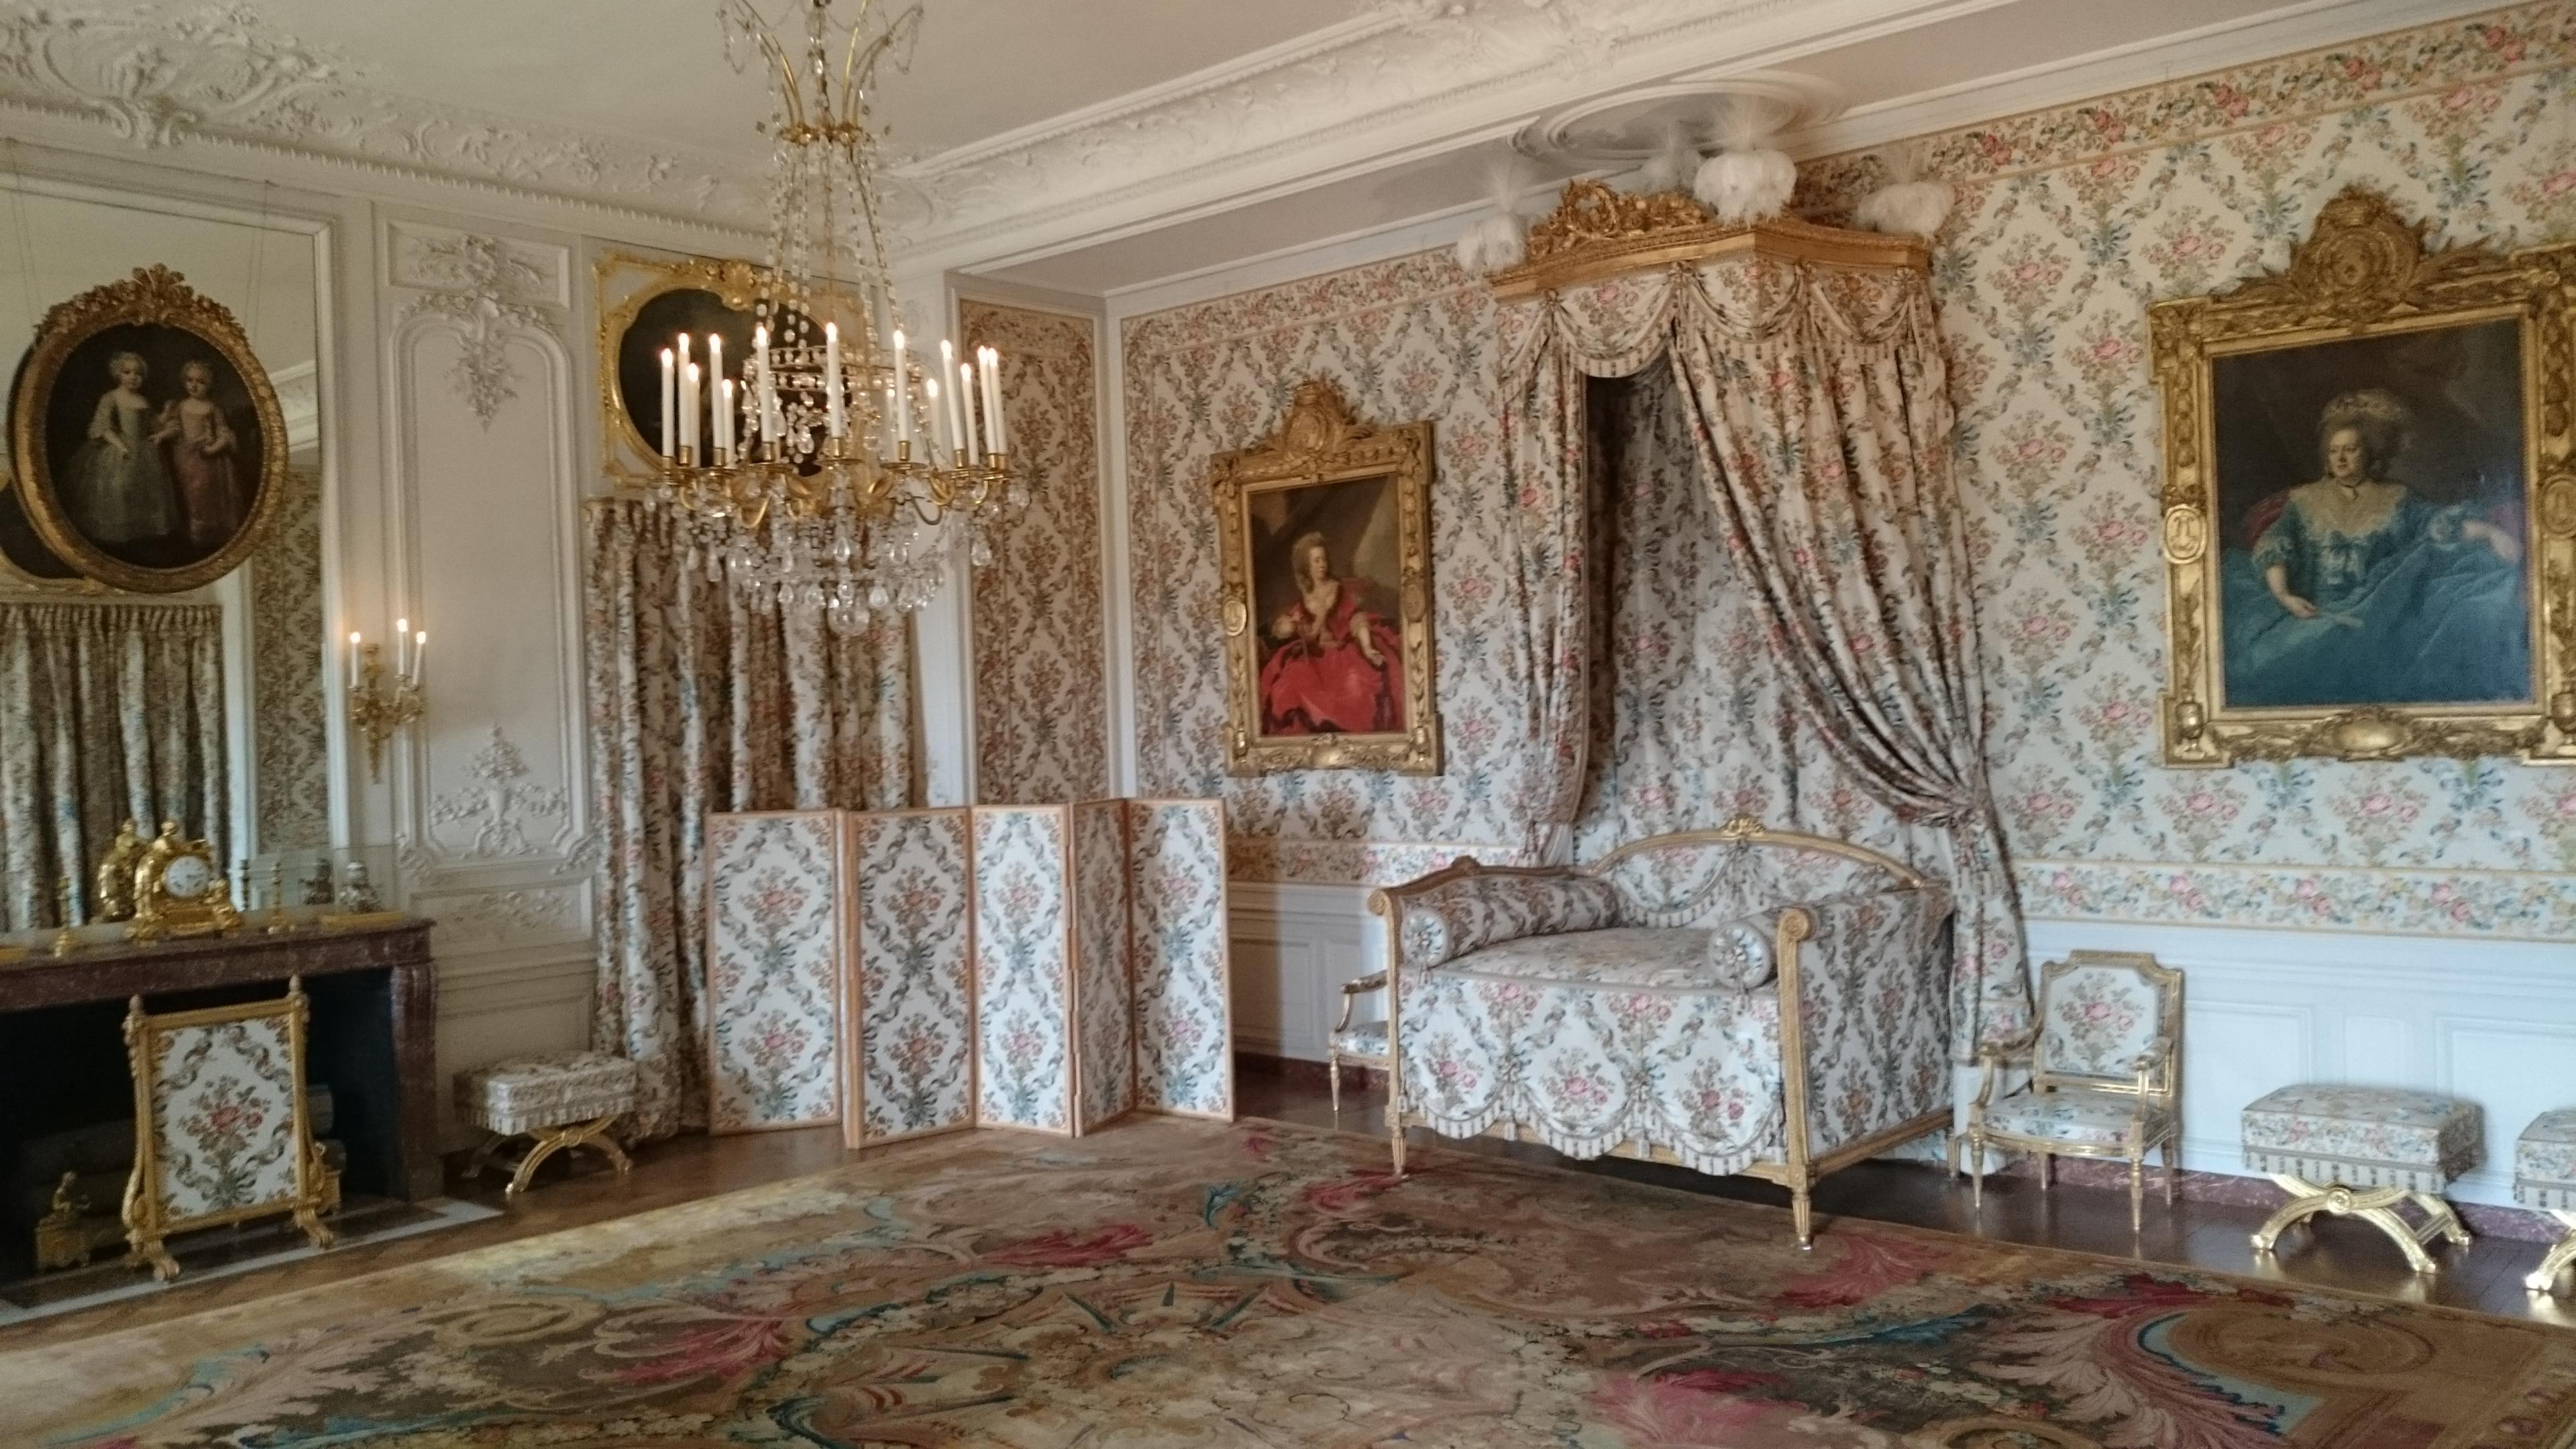 dsc 14261 - Visita al Palacio de Versalles: Como ir, cuanto cuesta y tips III/III